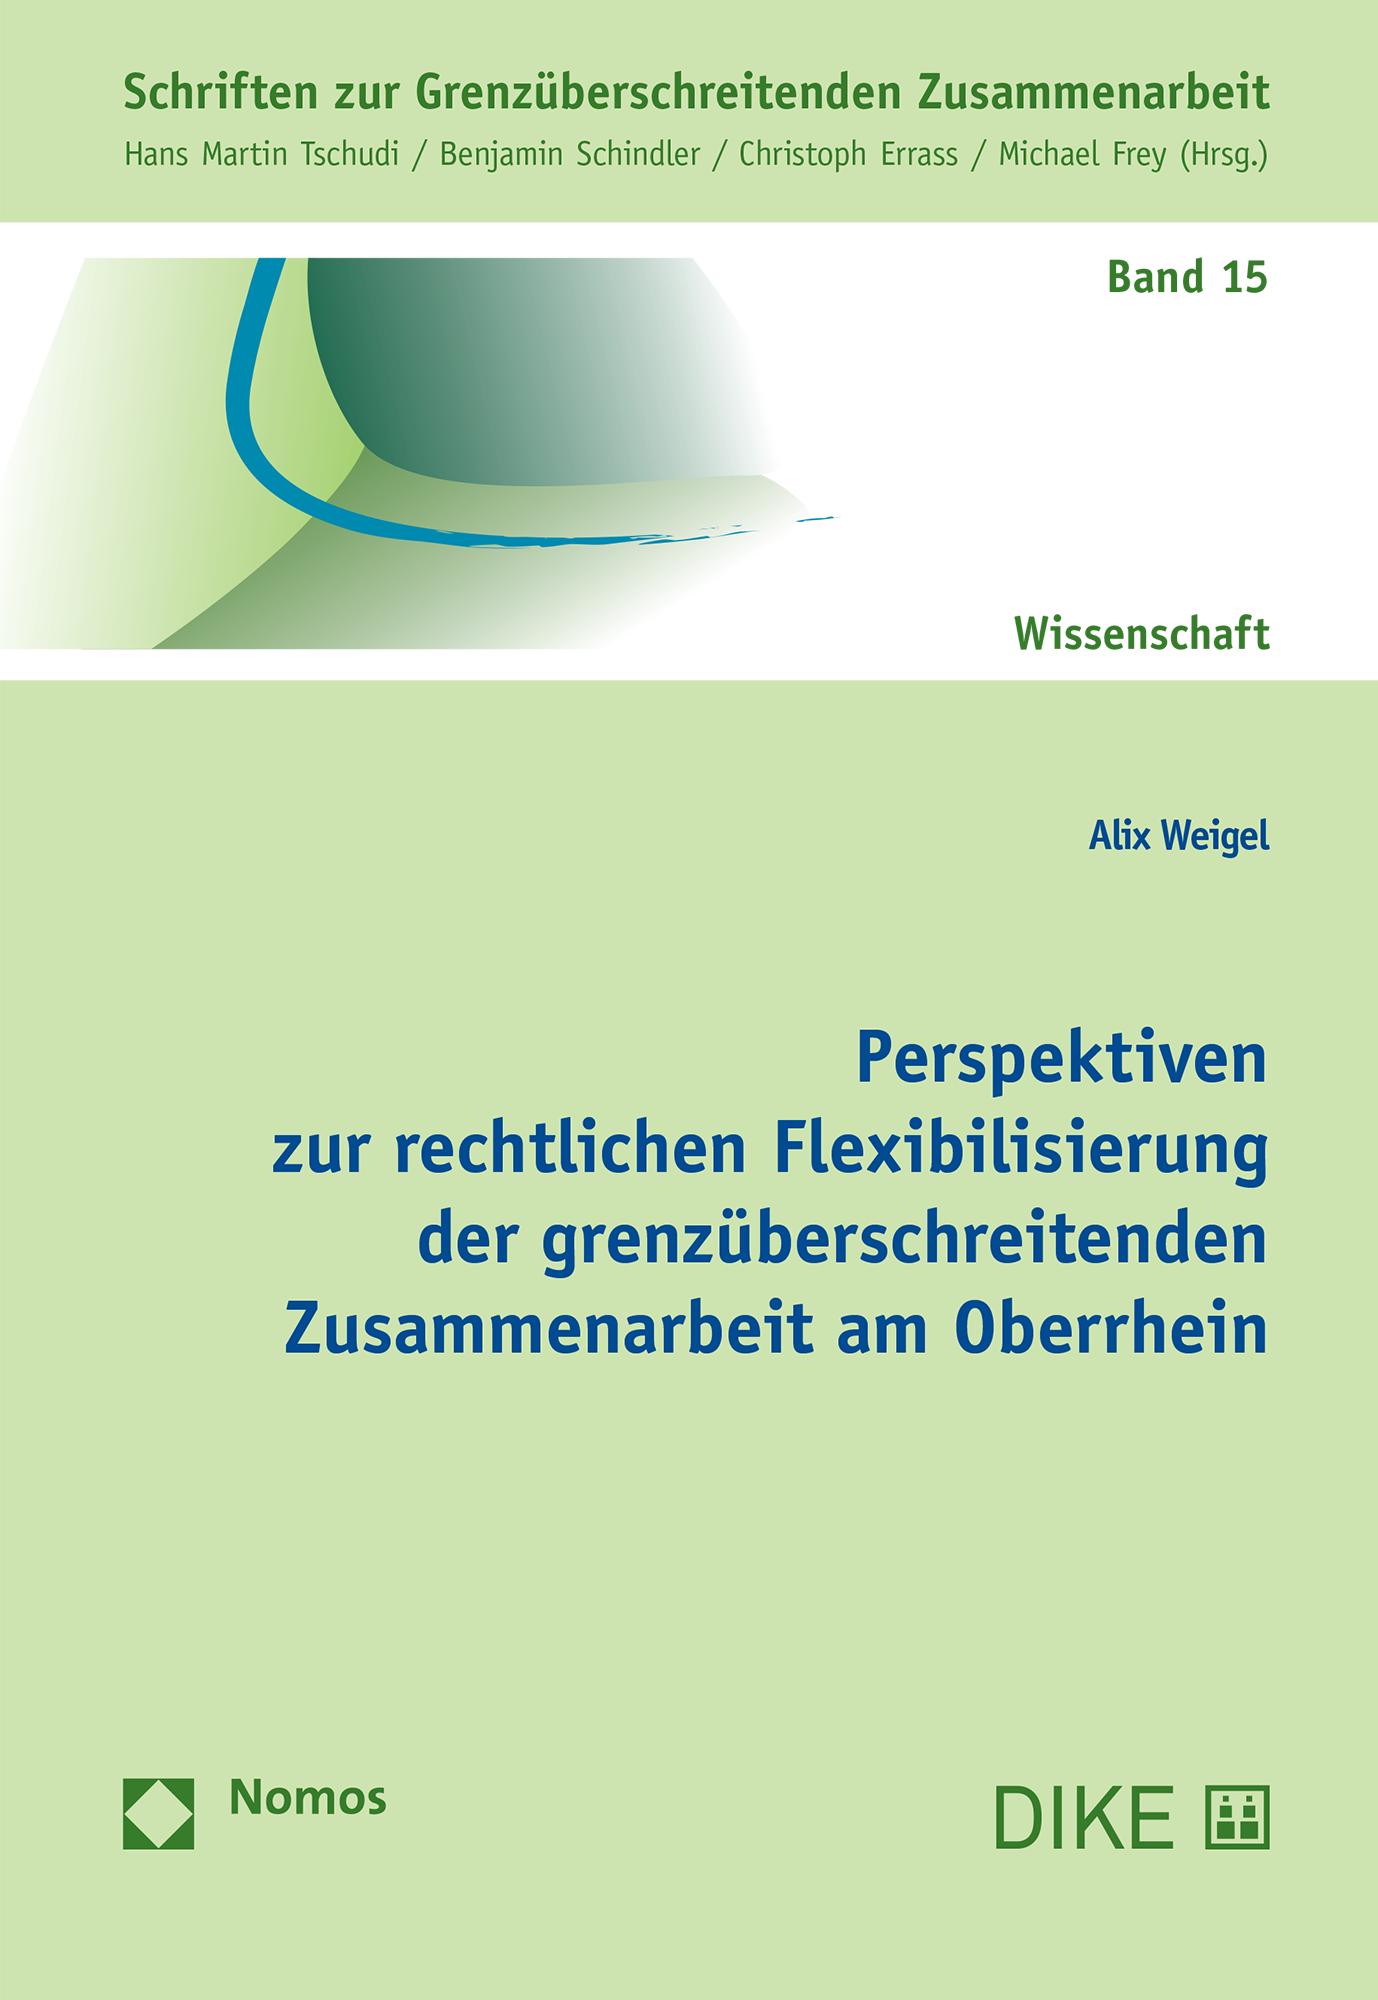 Perspektiven zur rechtlichen Flexibilisierung der grenzüberschreitenden Zusammenarbeit am Oberrhein